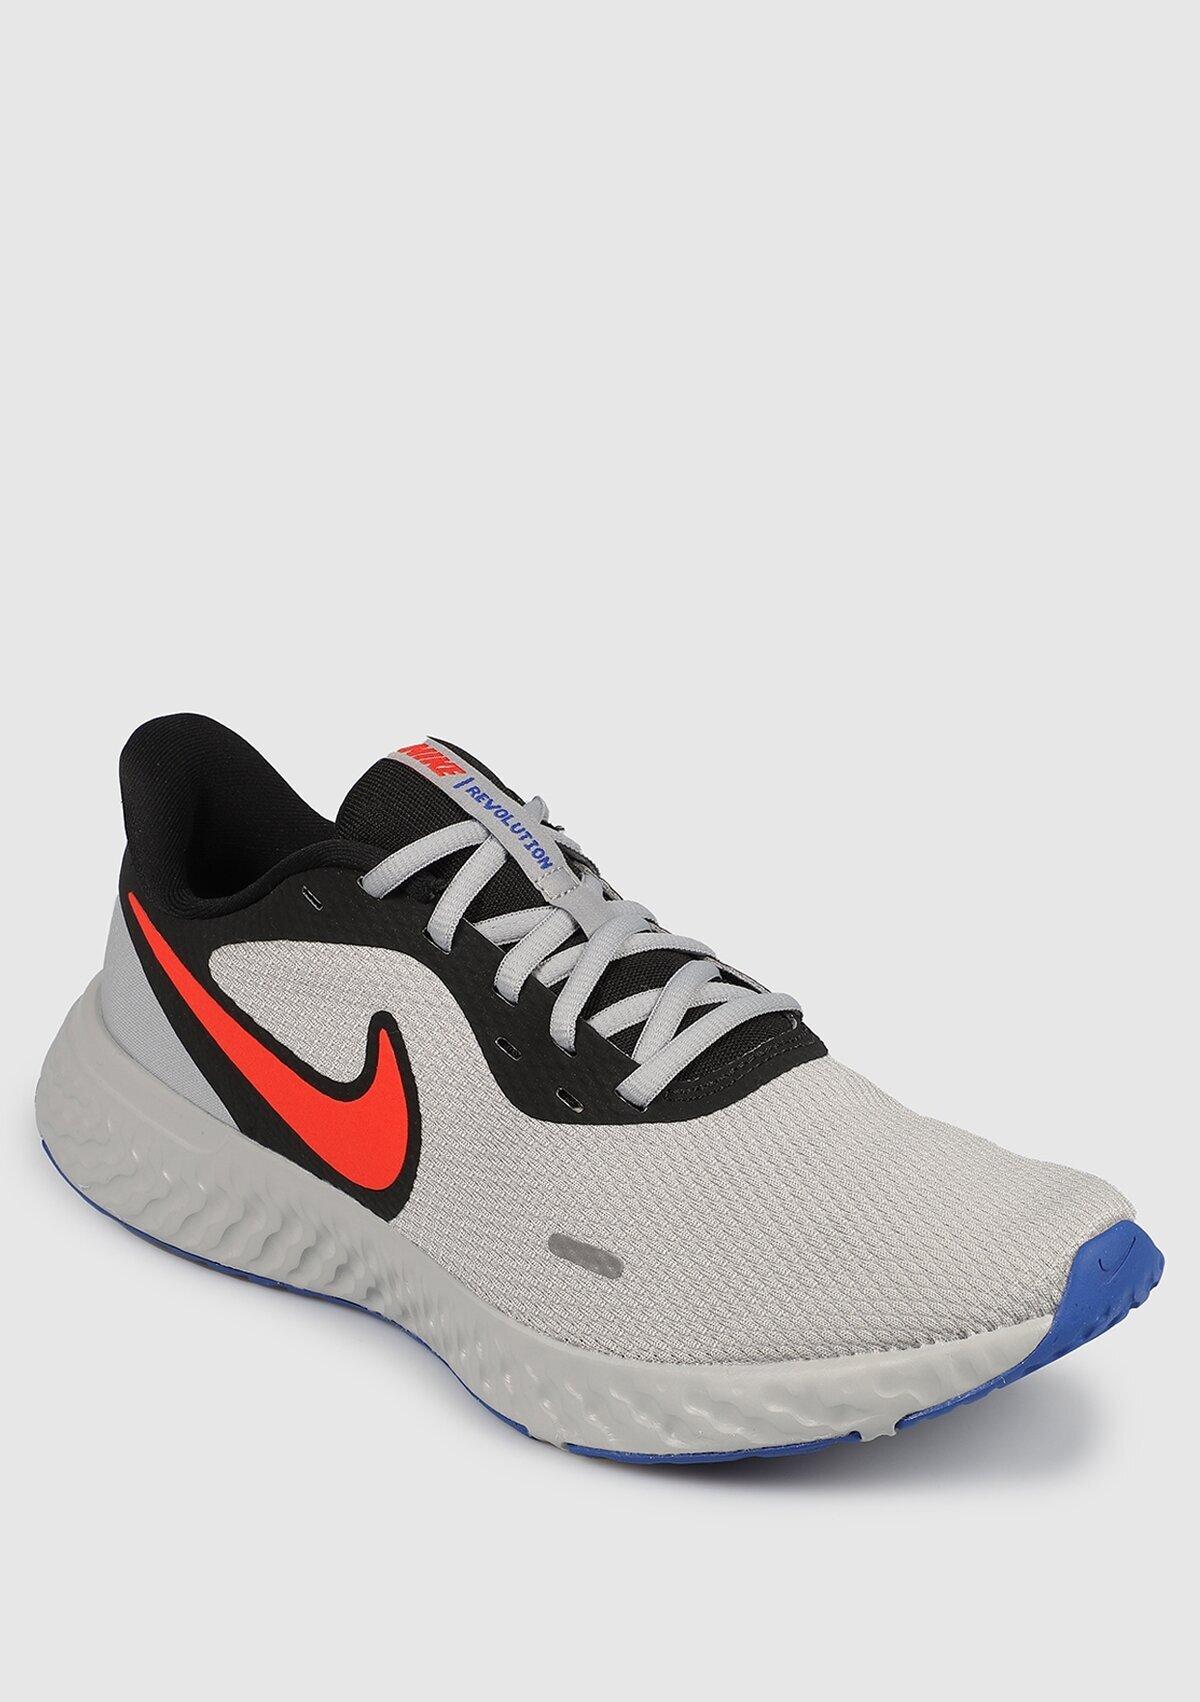 resm Revolution 5 Gri Erkek Koşu Ayakkabısı Bq3204-011